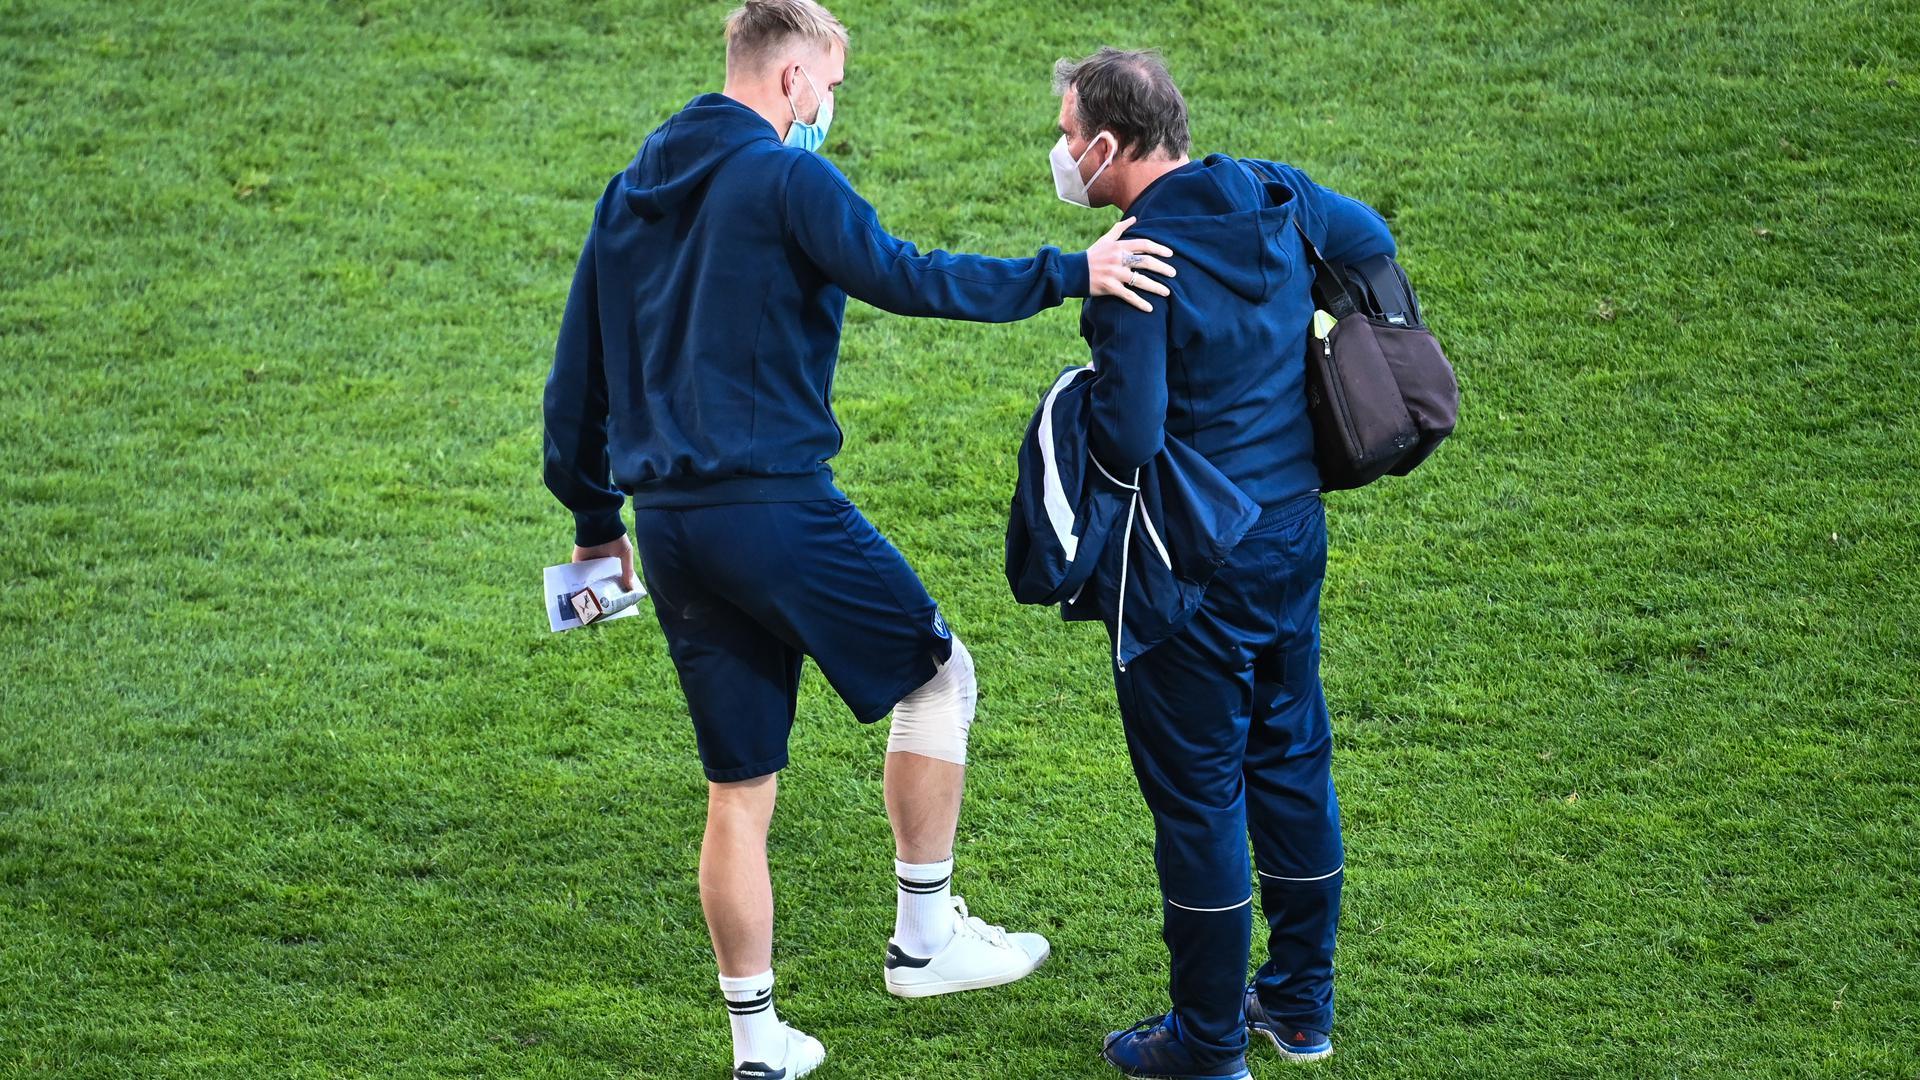 Am Knie verletzt: Philipp Hofmann unterhält sich nach dem Spiel mit Mannschaftsarzt Marcus Schweizer. EIne MRT-Untersuchung bestätigt eine Bänderverletzung im Knie beim KSC-Torjäger.